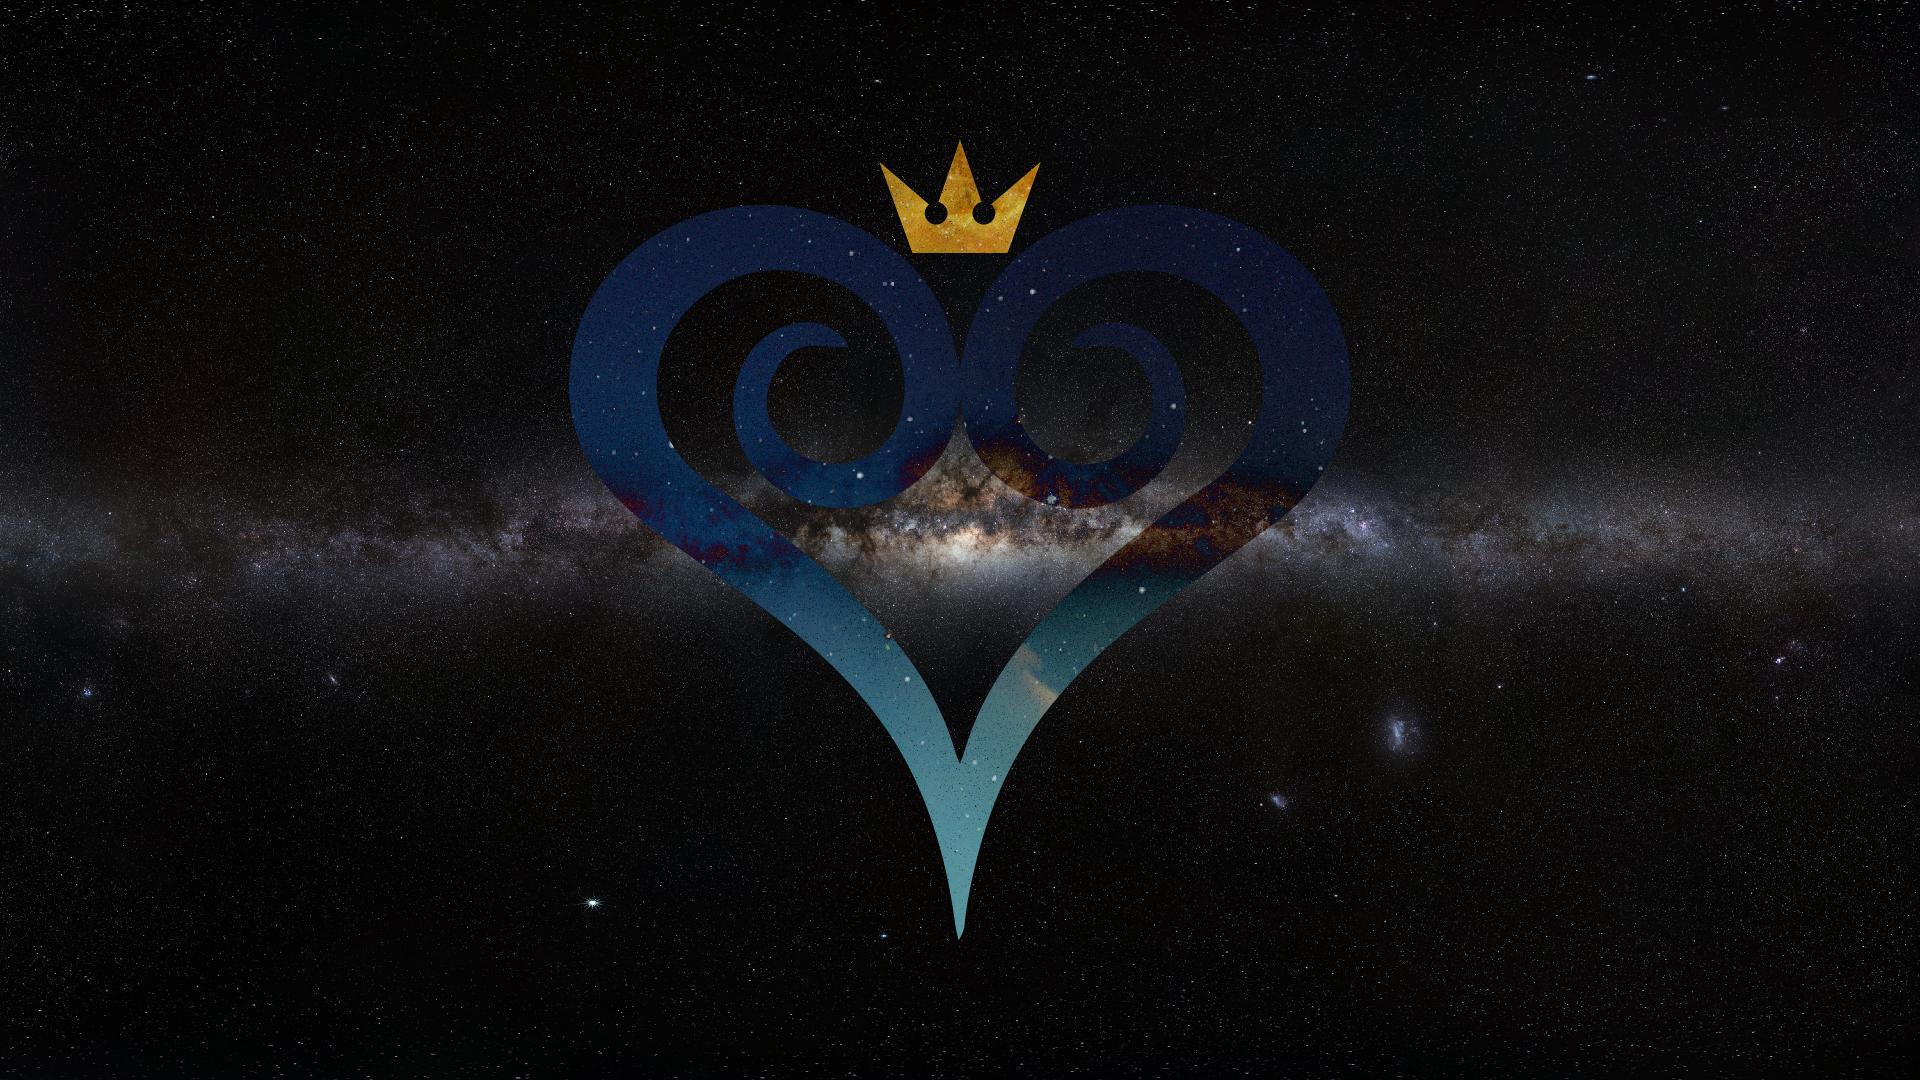 Beautiful Wallpaper Mac Kingdom Hearts - kingdom_hearts___nebula_by_drboxhead-d8lliq0  Graphic_803376.jpg